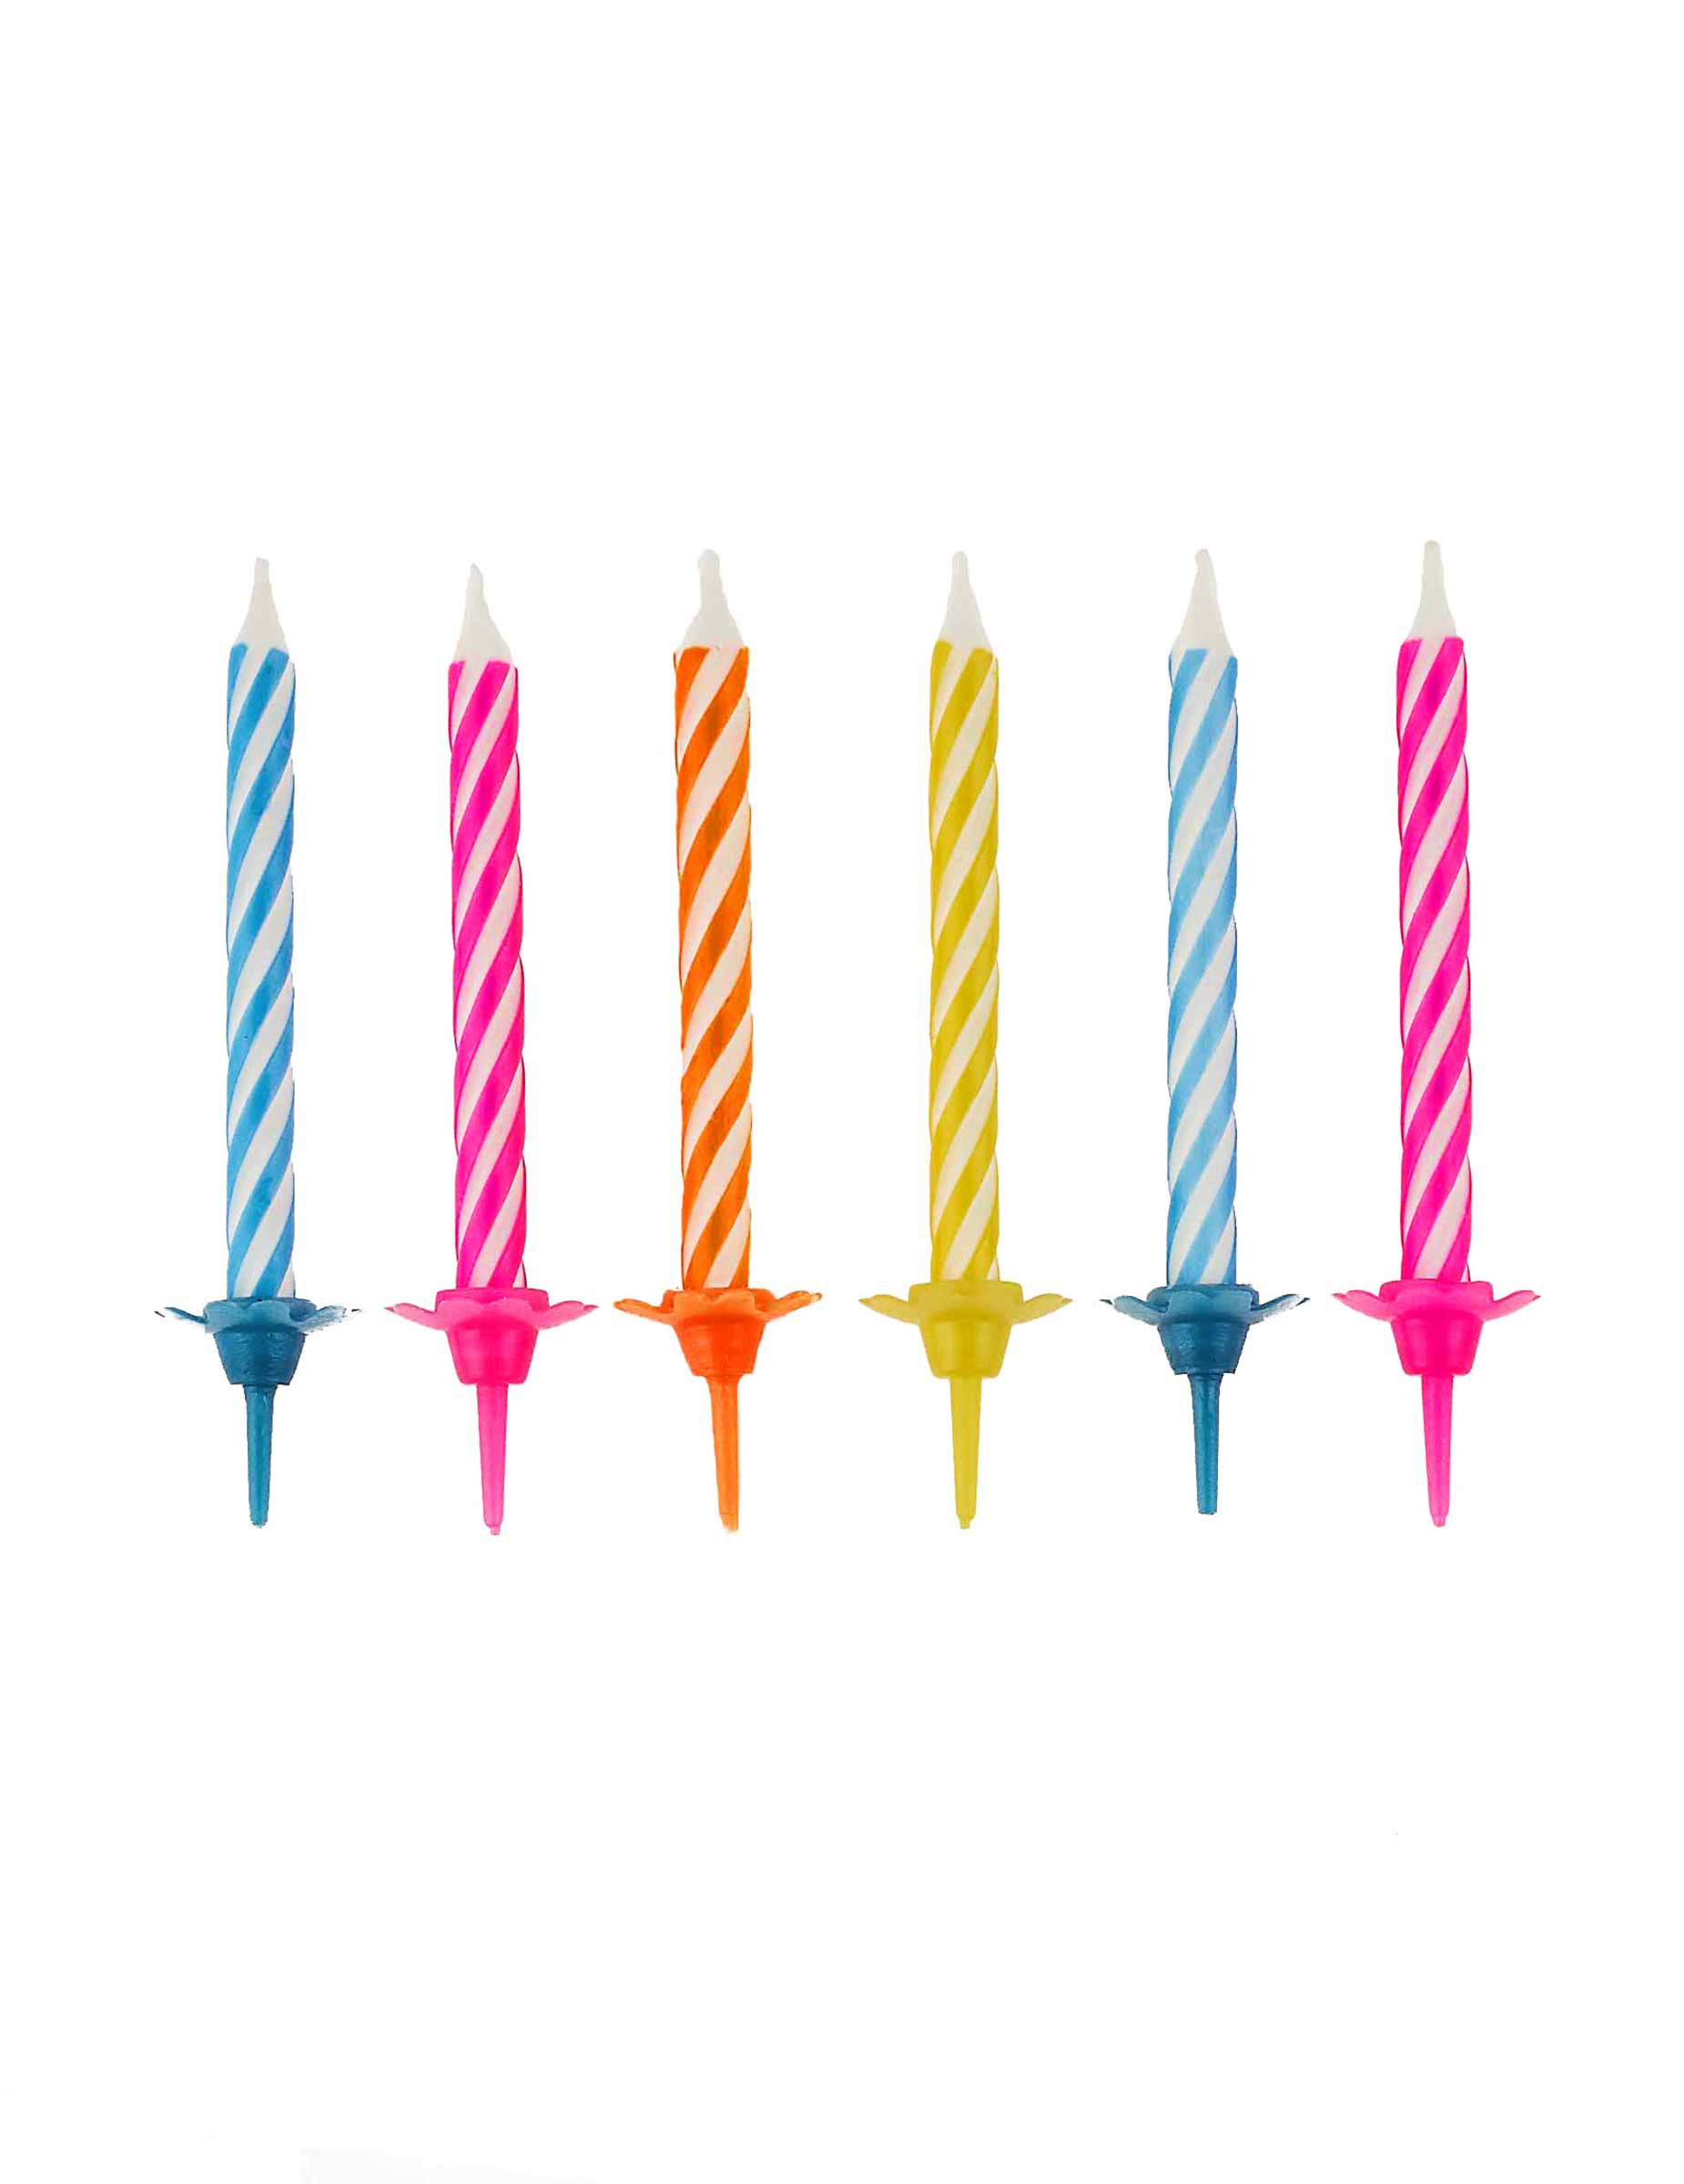 10 velas cumplea os multicolores con soporte decoraci n y disfraces originales baratos vegaoo - Soporte para velas ...